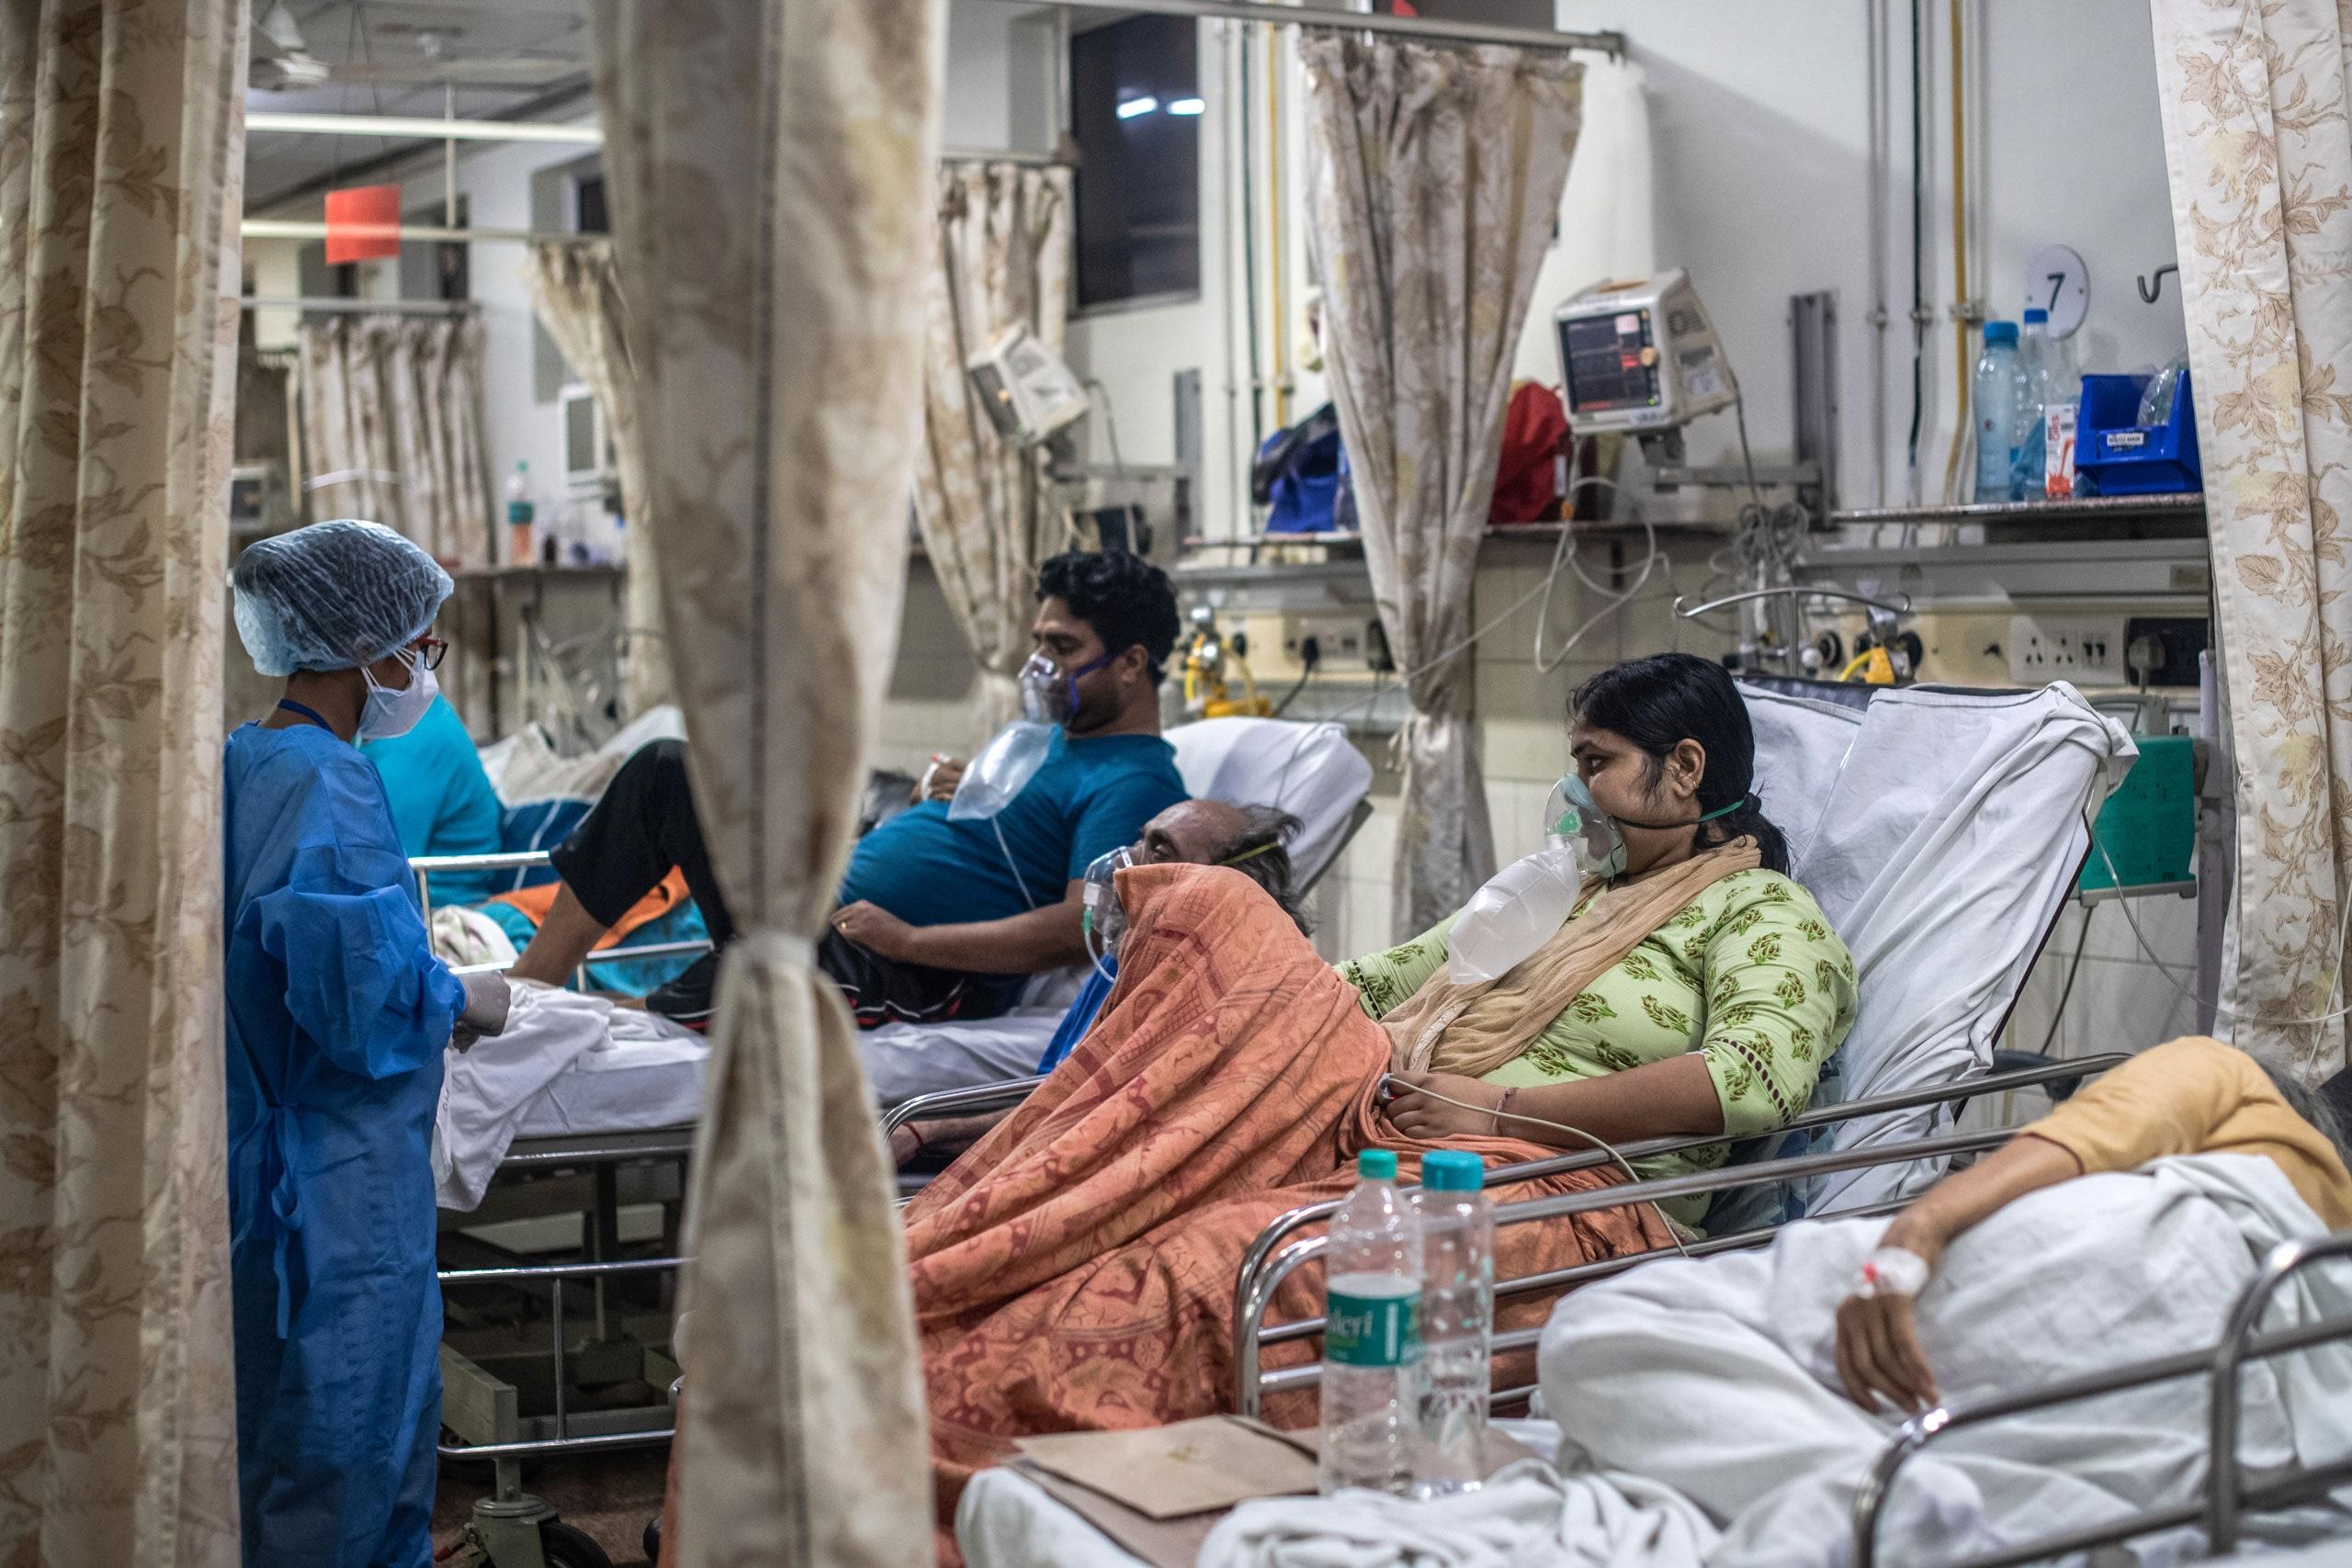 भारमा एकैदिन ४ लाख १४ हजार १ सय ८८ जनामा कोभिड १९ संक्रमण, ३ लाख ९ हजार १५को मृत्यु